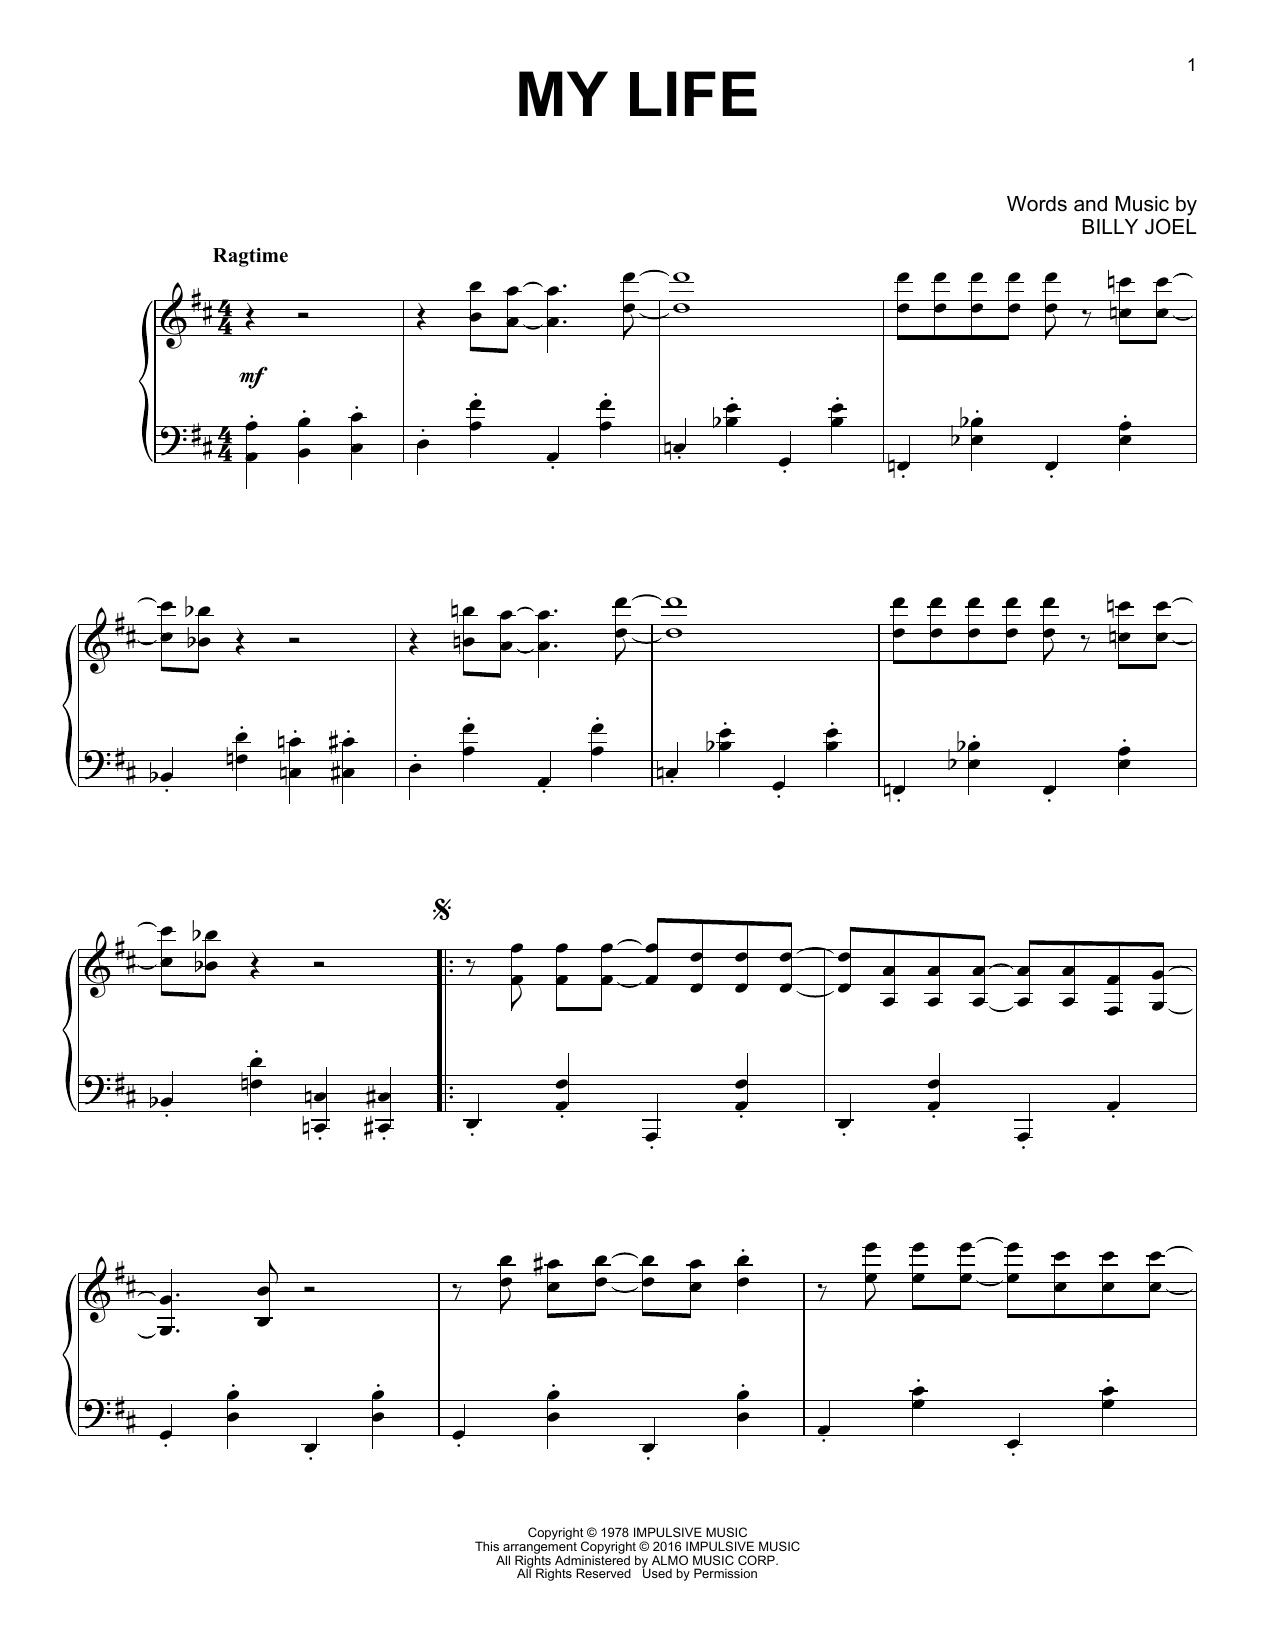 Billy Joel 'My Life' Sheet Music Notes, Chords | Download Printable Piano -  SKU: 164354